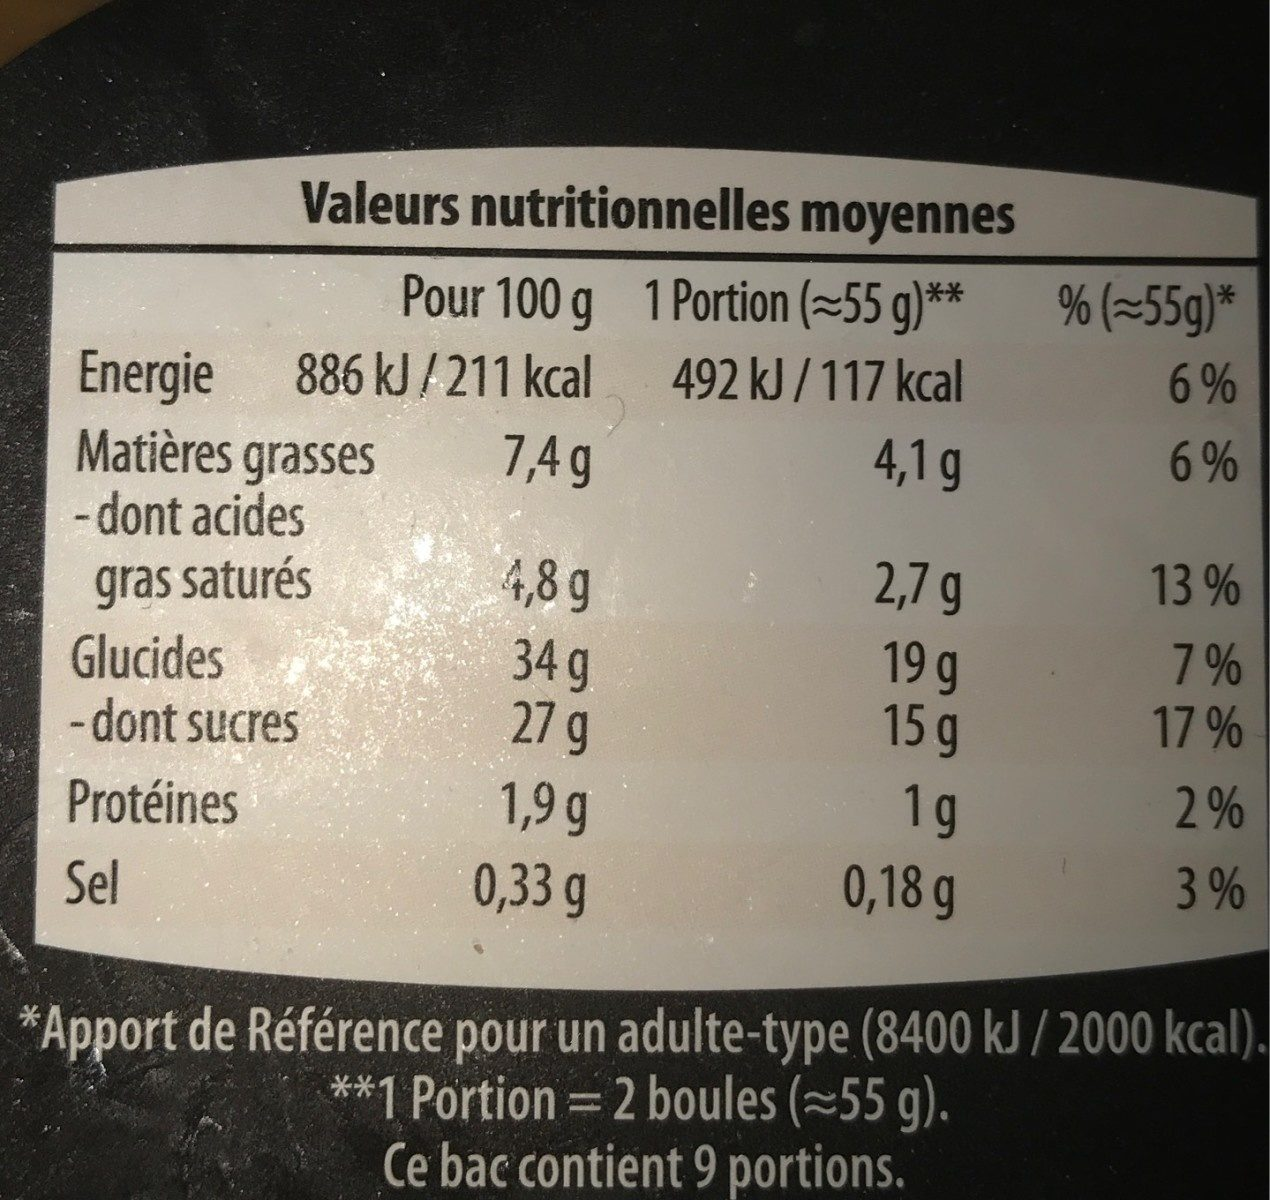 Glace vanille sauce caramel - Voedigswaarden